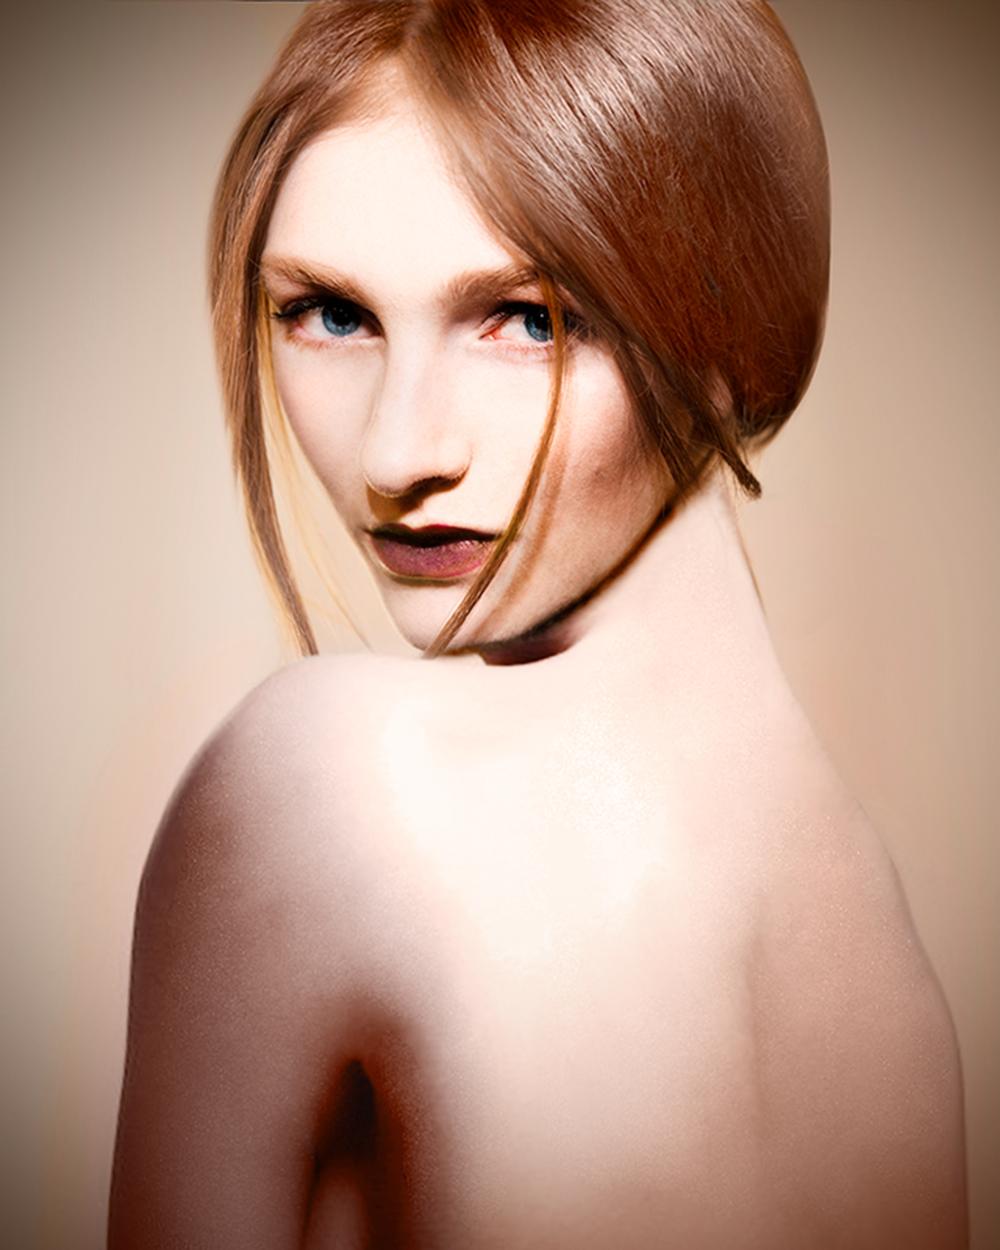 redhead01w.jpg